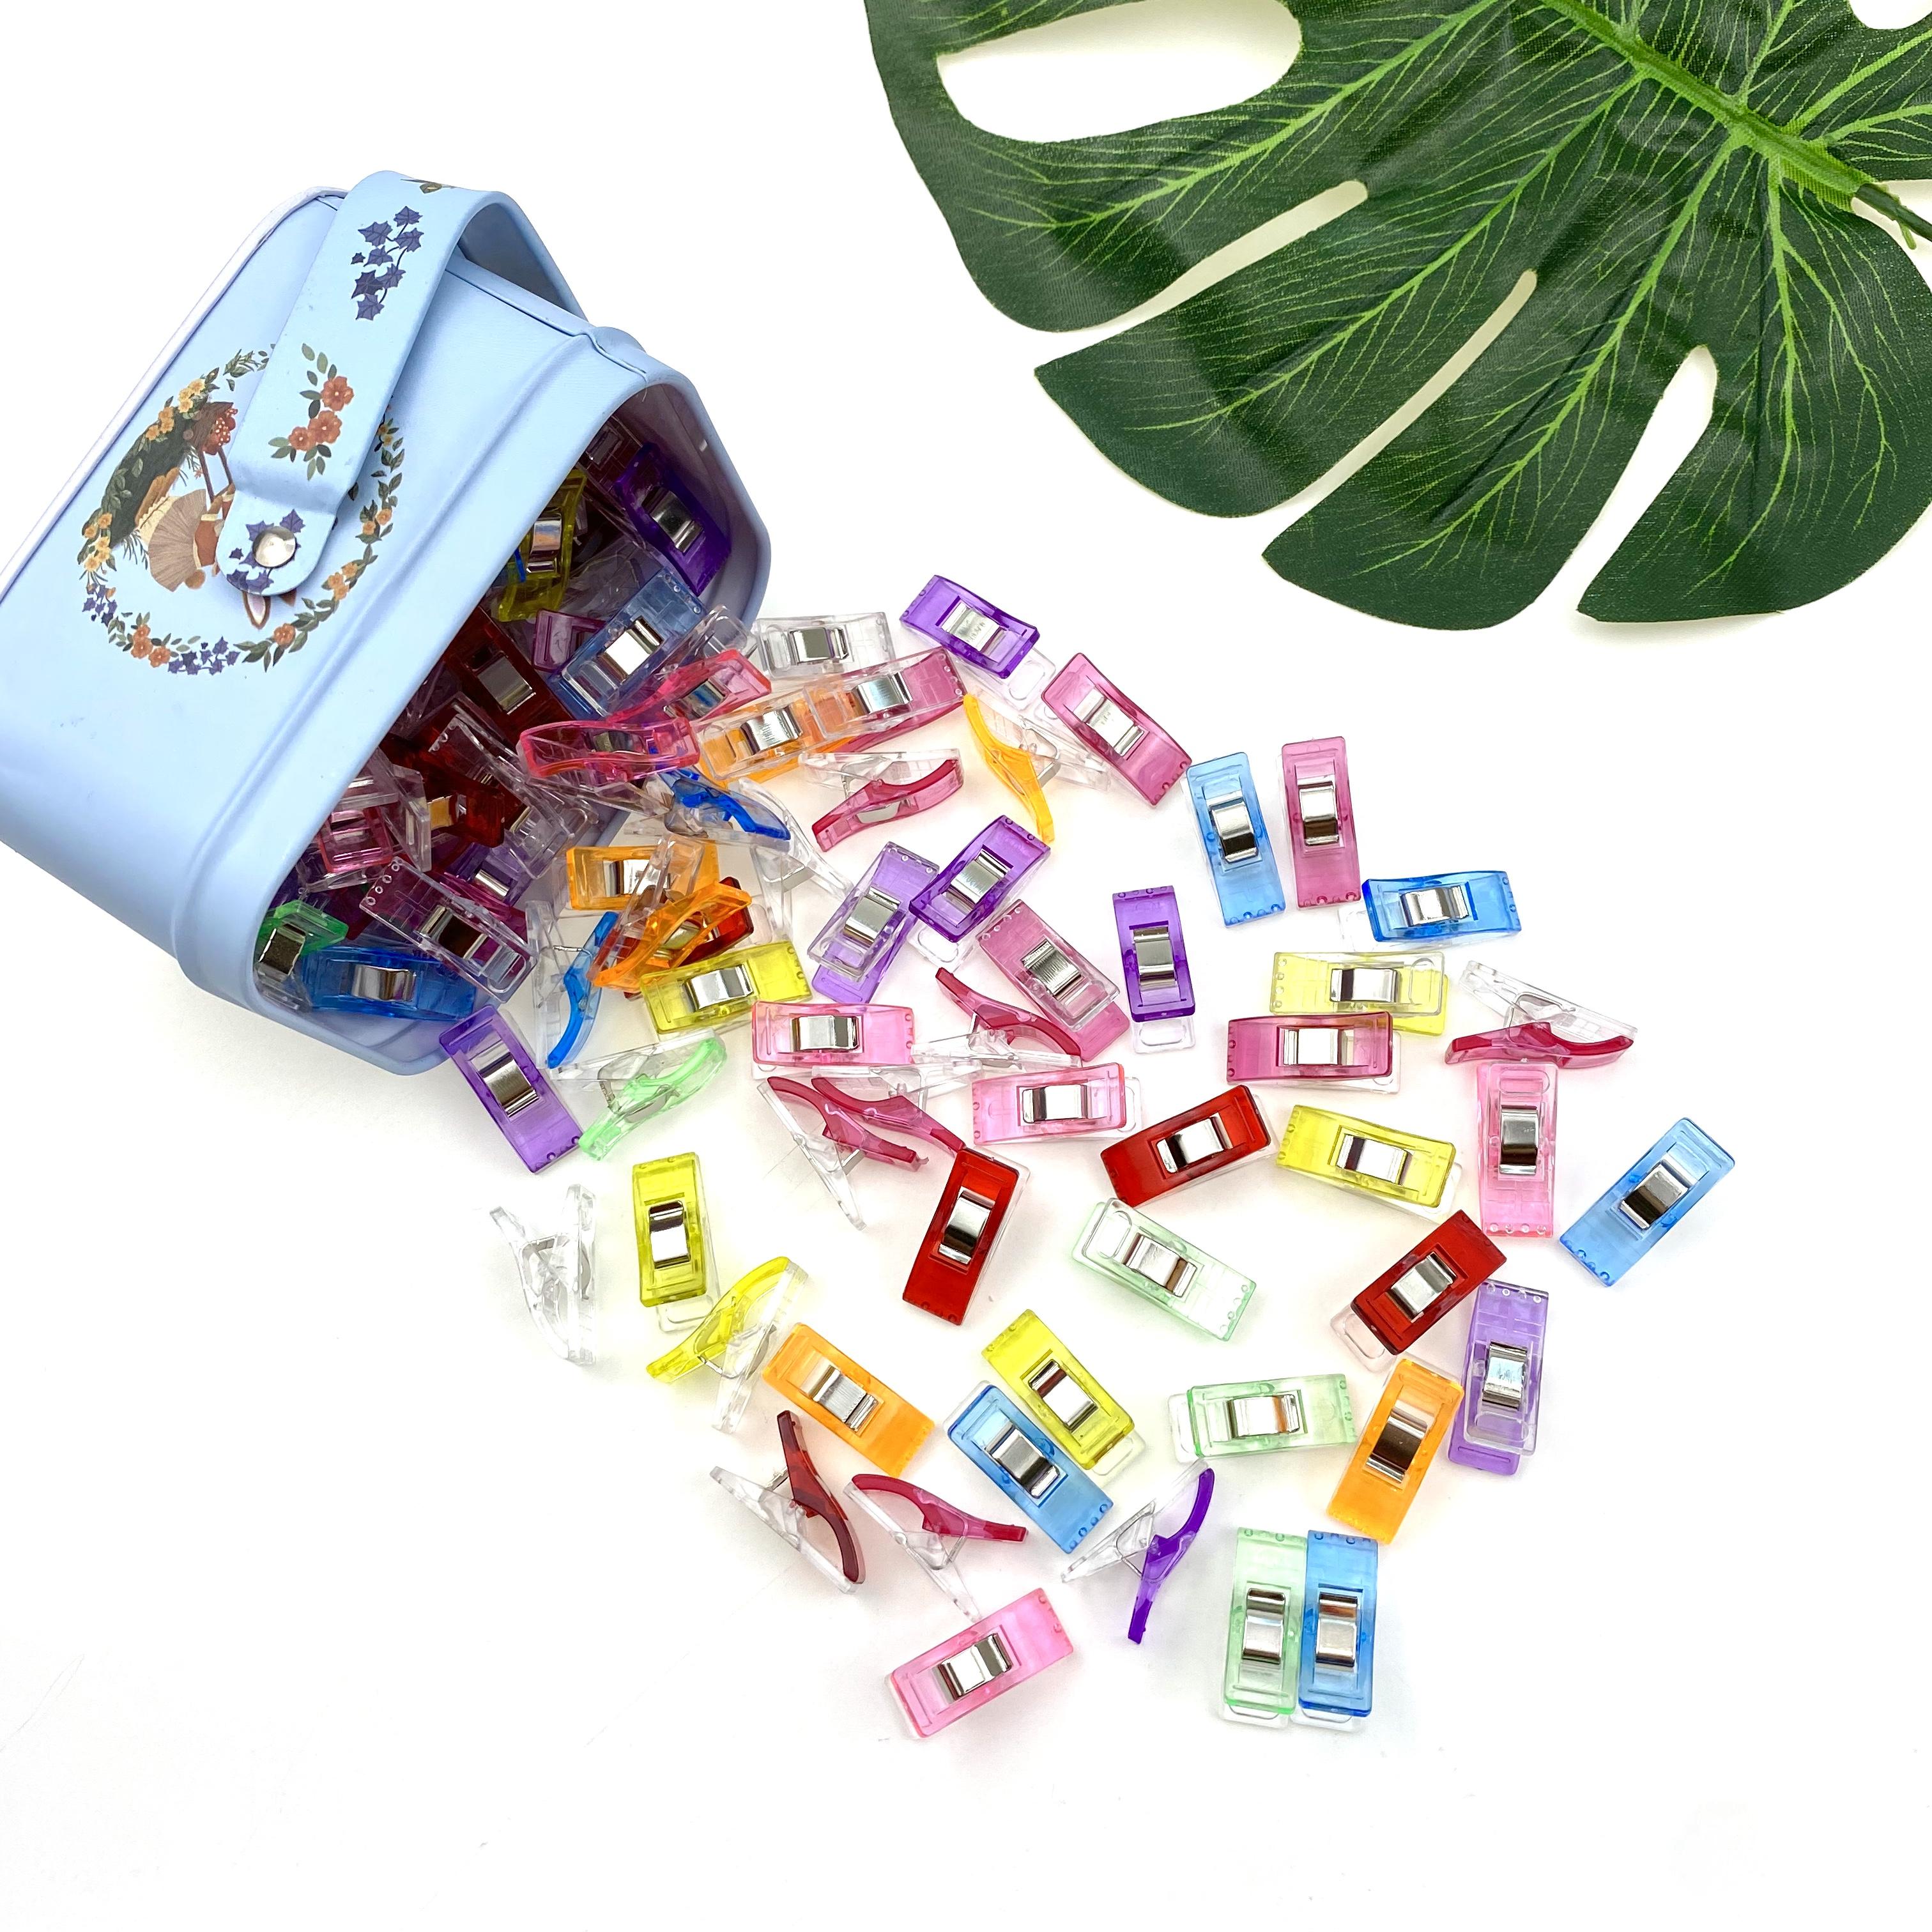 Красочные многофункциональные пластиковые мини-зажимы для шитья 27 мм, прижимы для квилтинга для рукоделия, переплета с жестяной коробкой